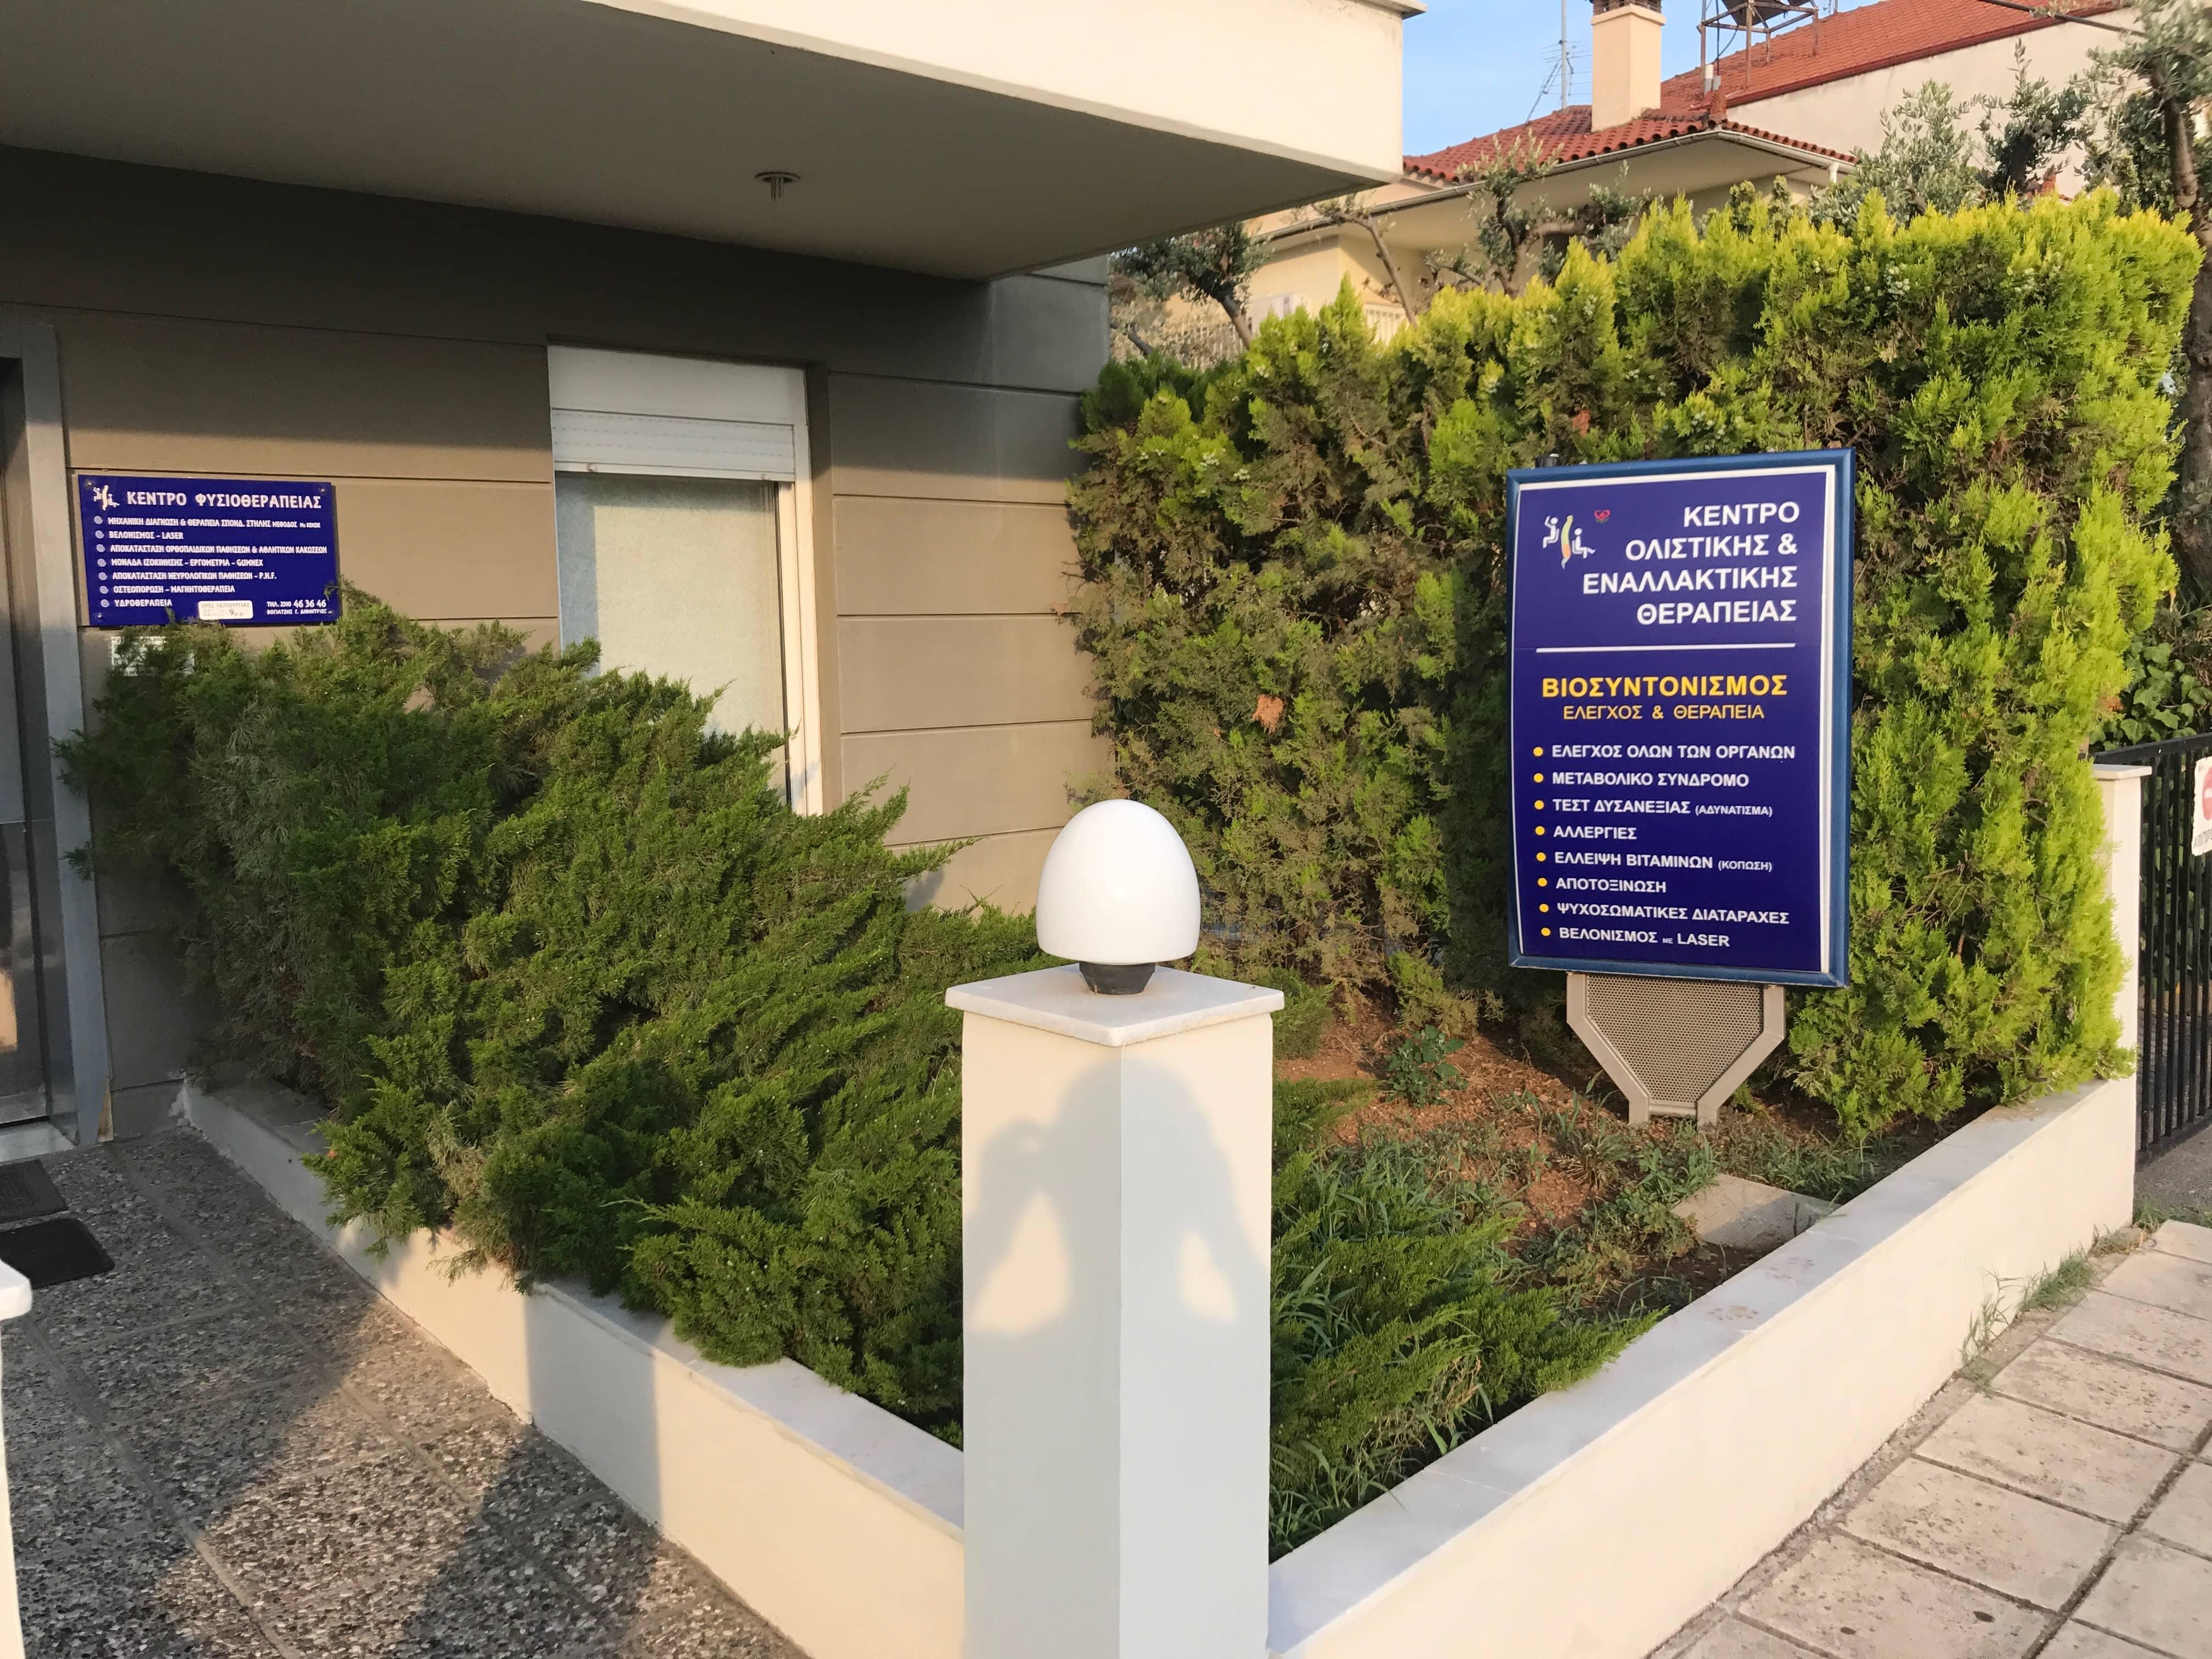 Φυσιοθεραπεια και Βιοσυντονισμος στην Θερμη Θεσσαλονικης